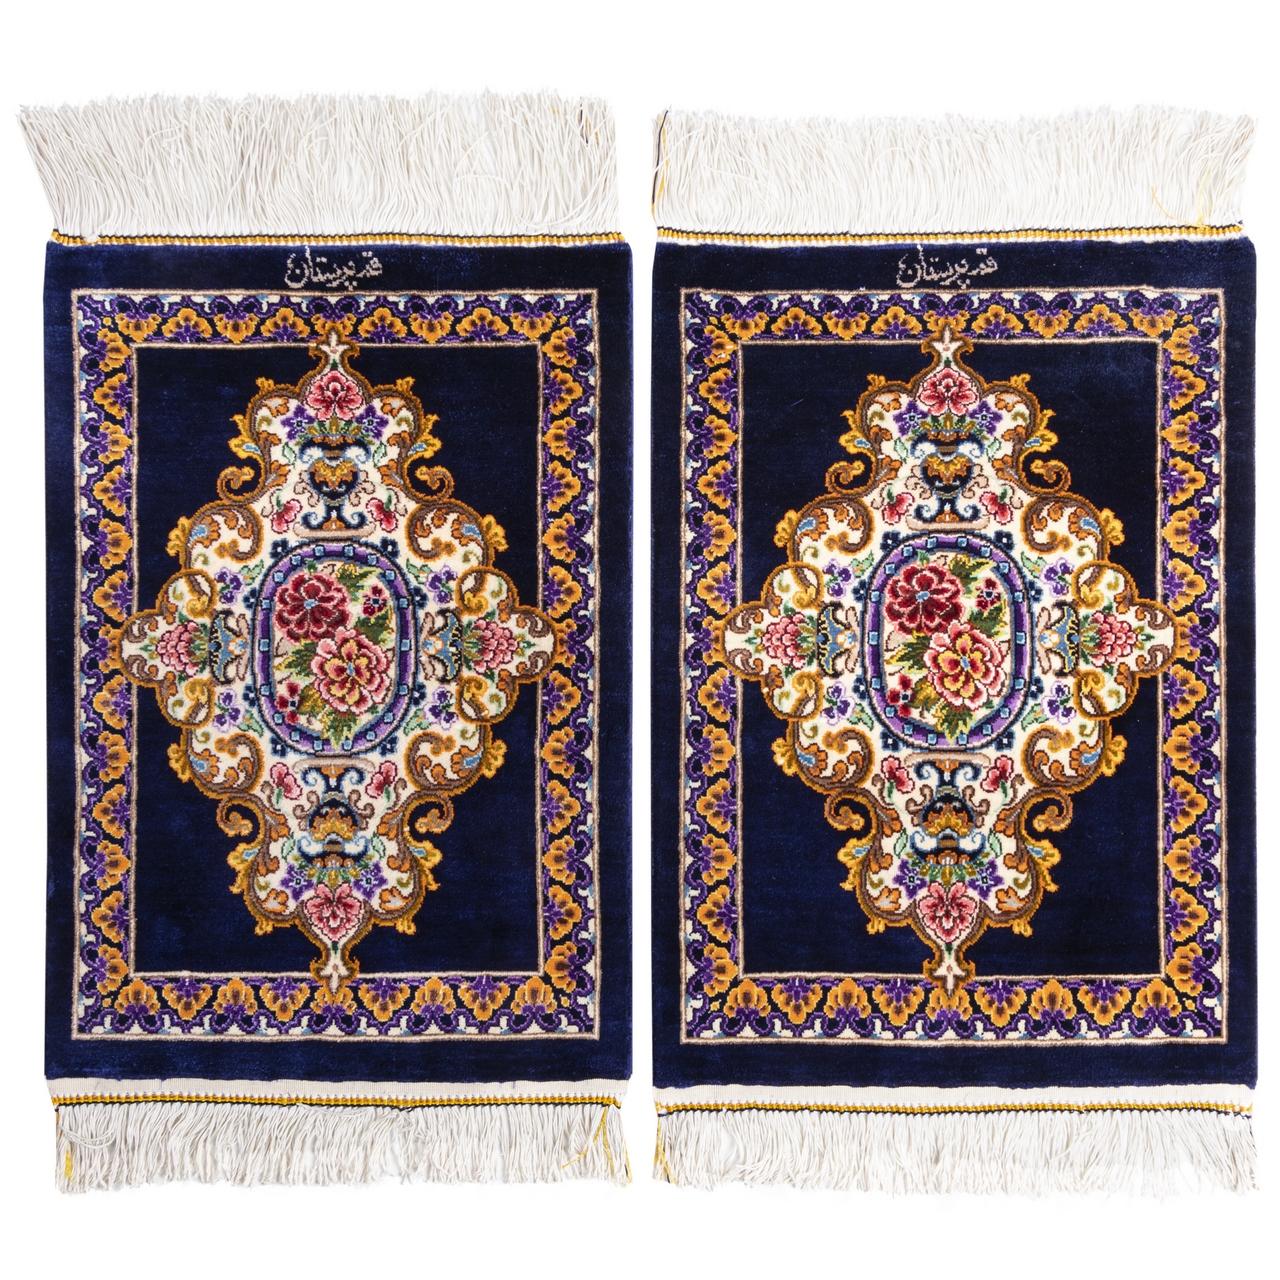 فرش دستباف رومیزی یک دهم متری سی پرشیا کد 703001 یک جفت